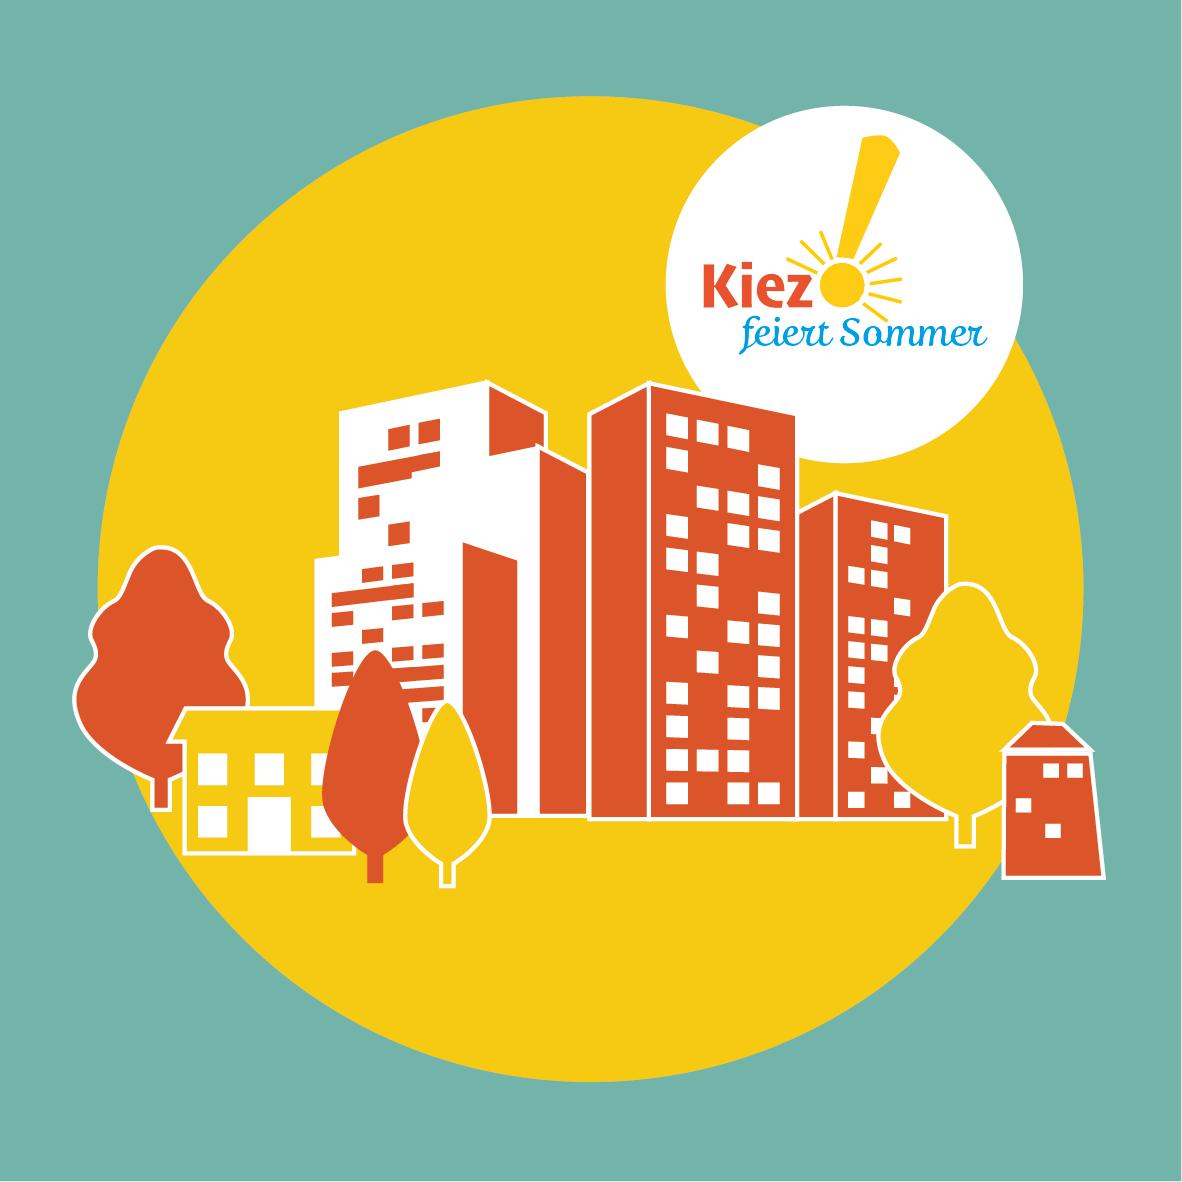 Kiez! Feiert Sommer –  3 Orte / 6 Tage in Weißensee